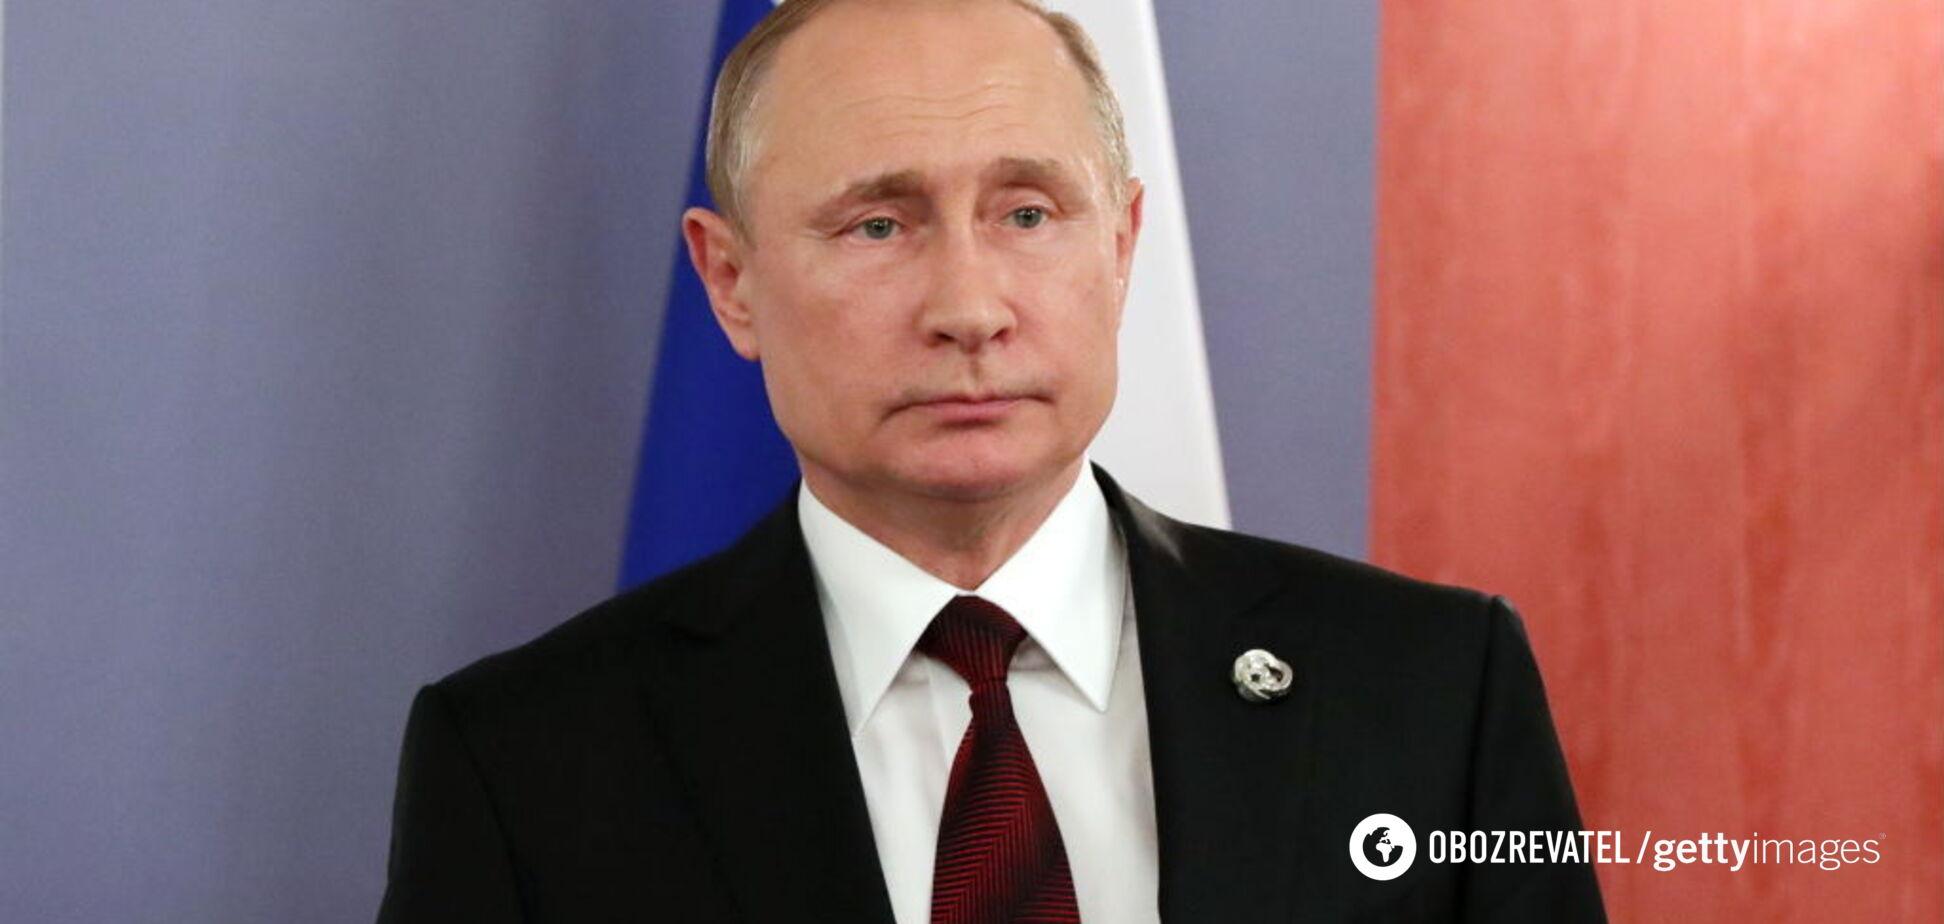 Пора понять: с Путиным говорить бессмысленно